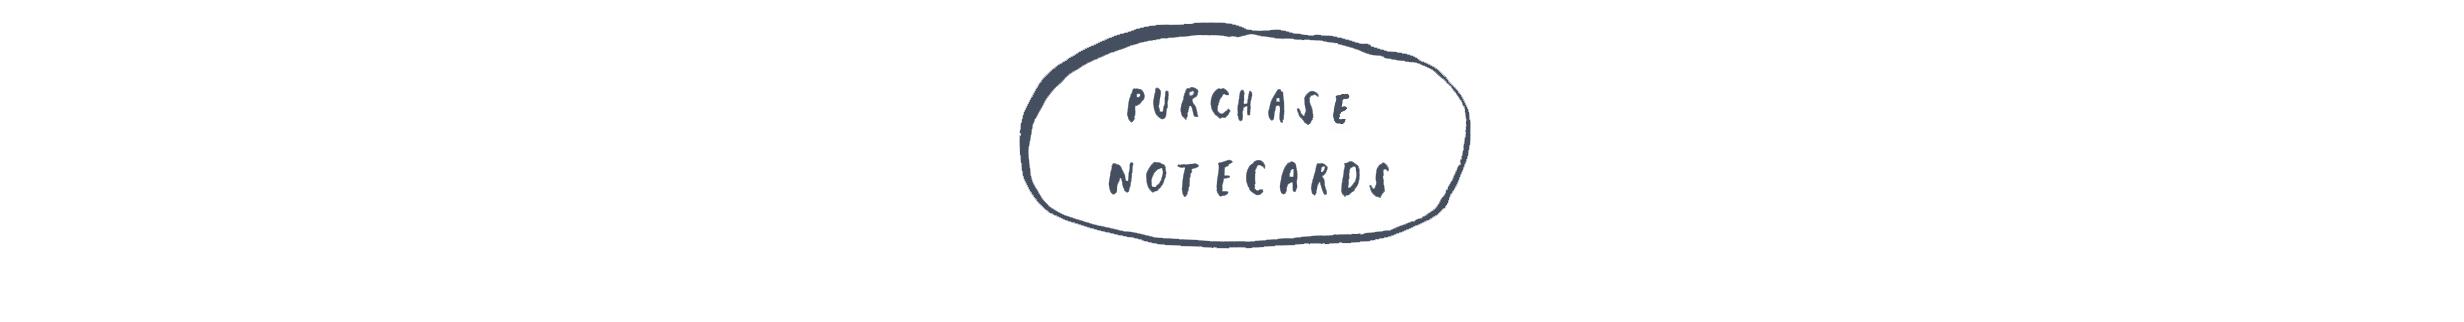 Buy_Note_Blue.jpg